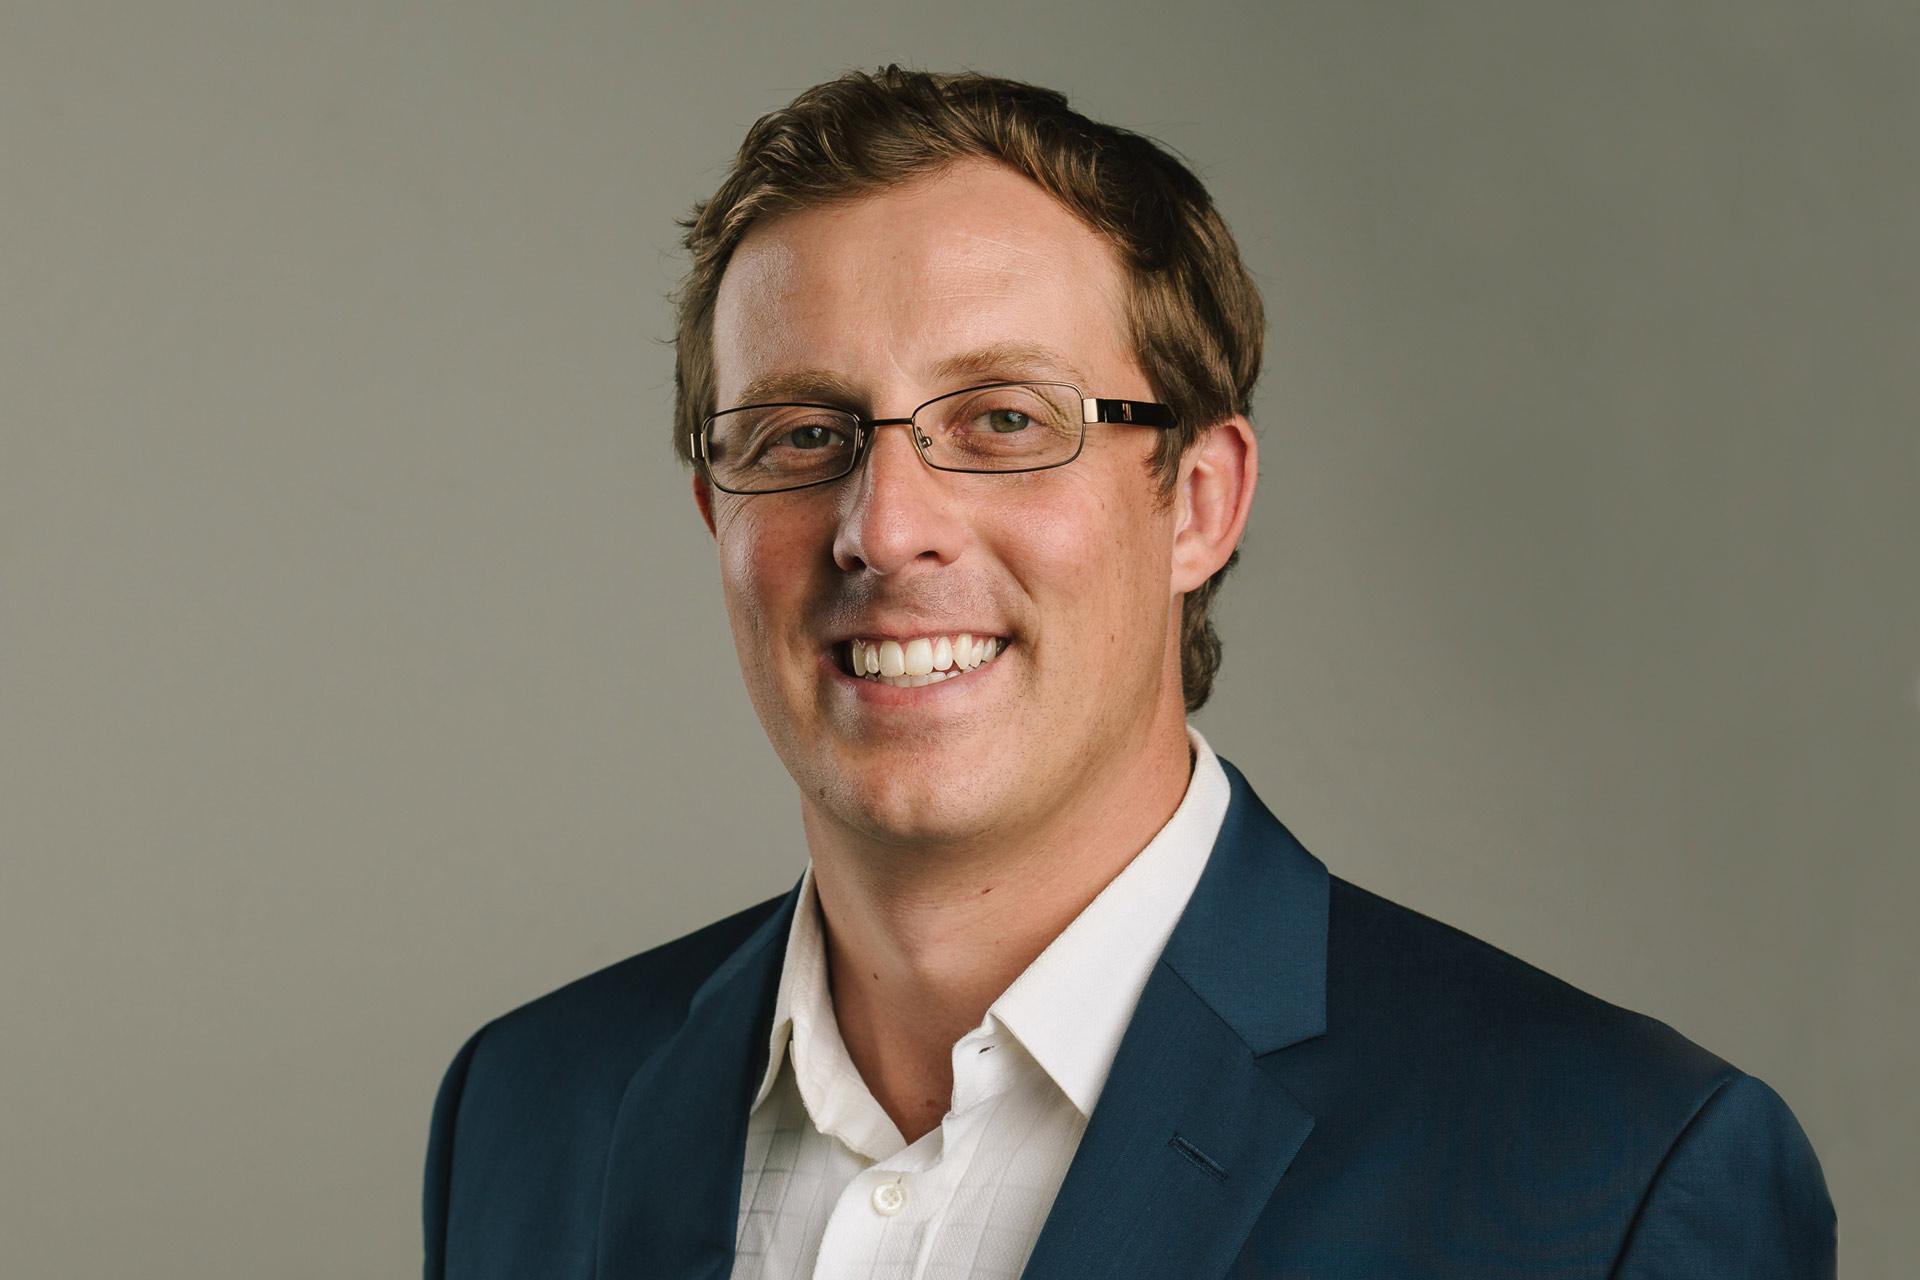 Jason Vanular